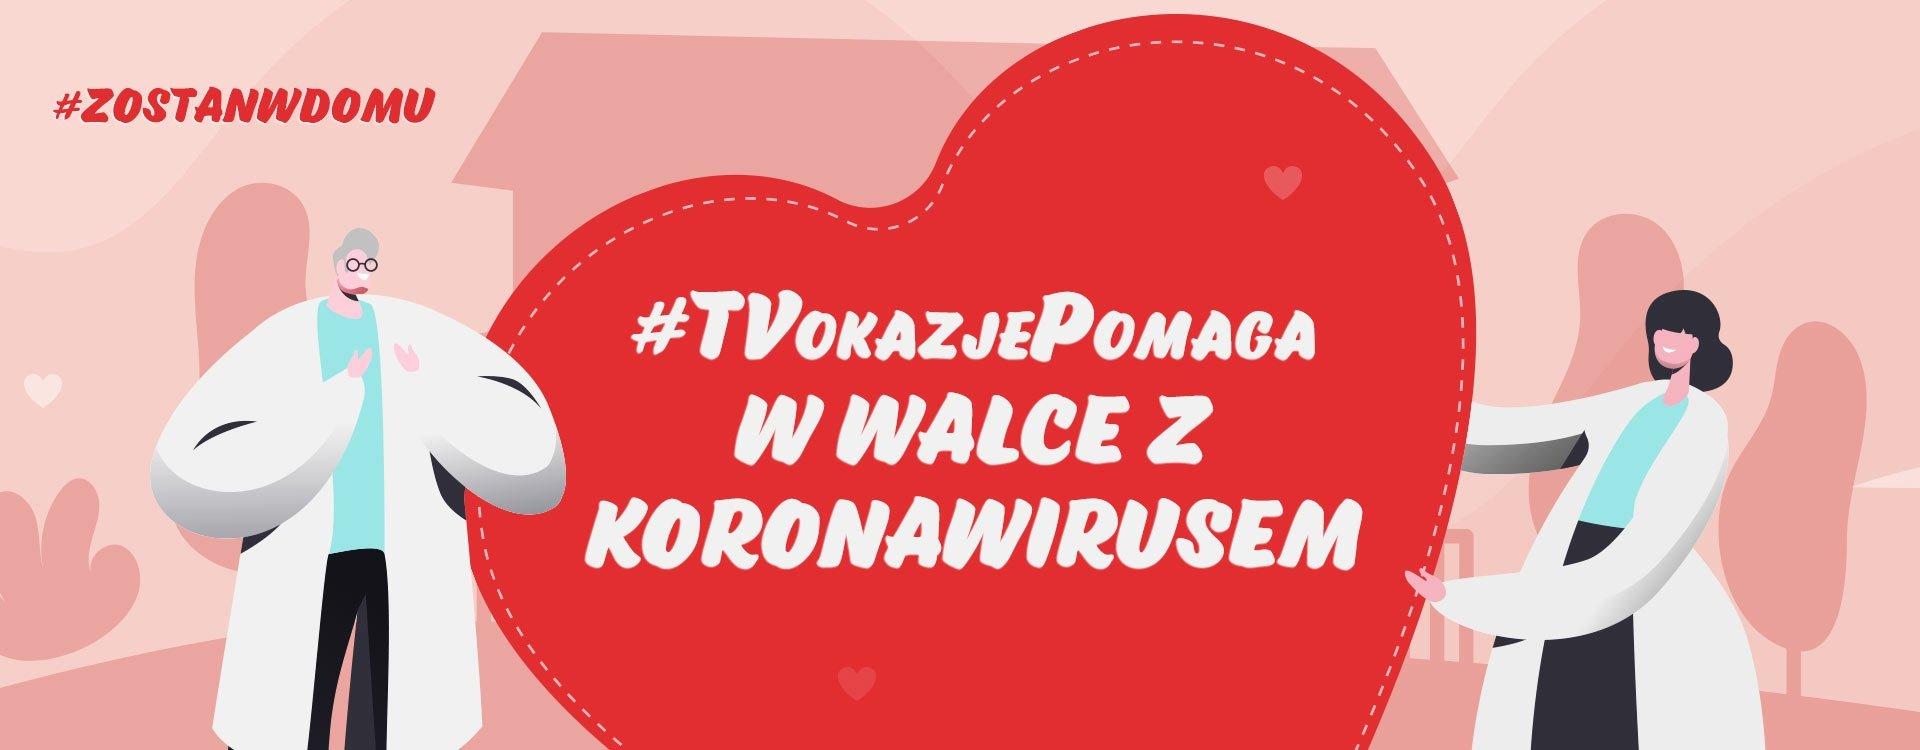 Sprawdź, czego wspólnie dokonaliśmy! Poznaj wyniki akcji #TVOkazjePomaga w walce z koronawirusem